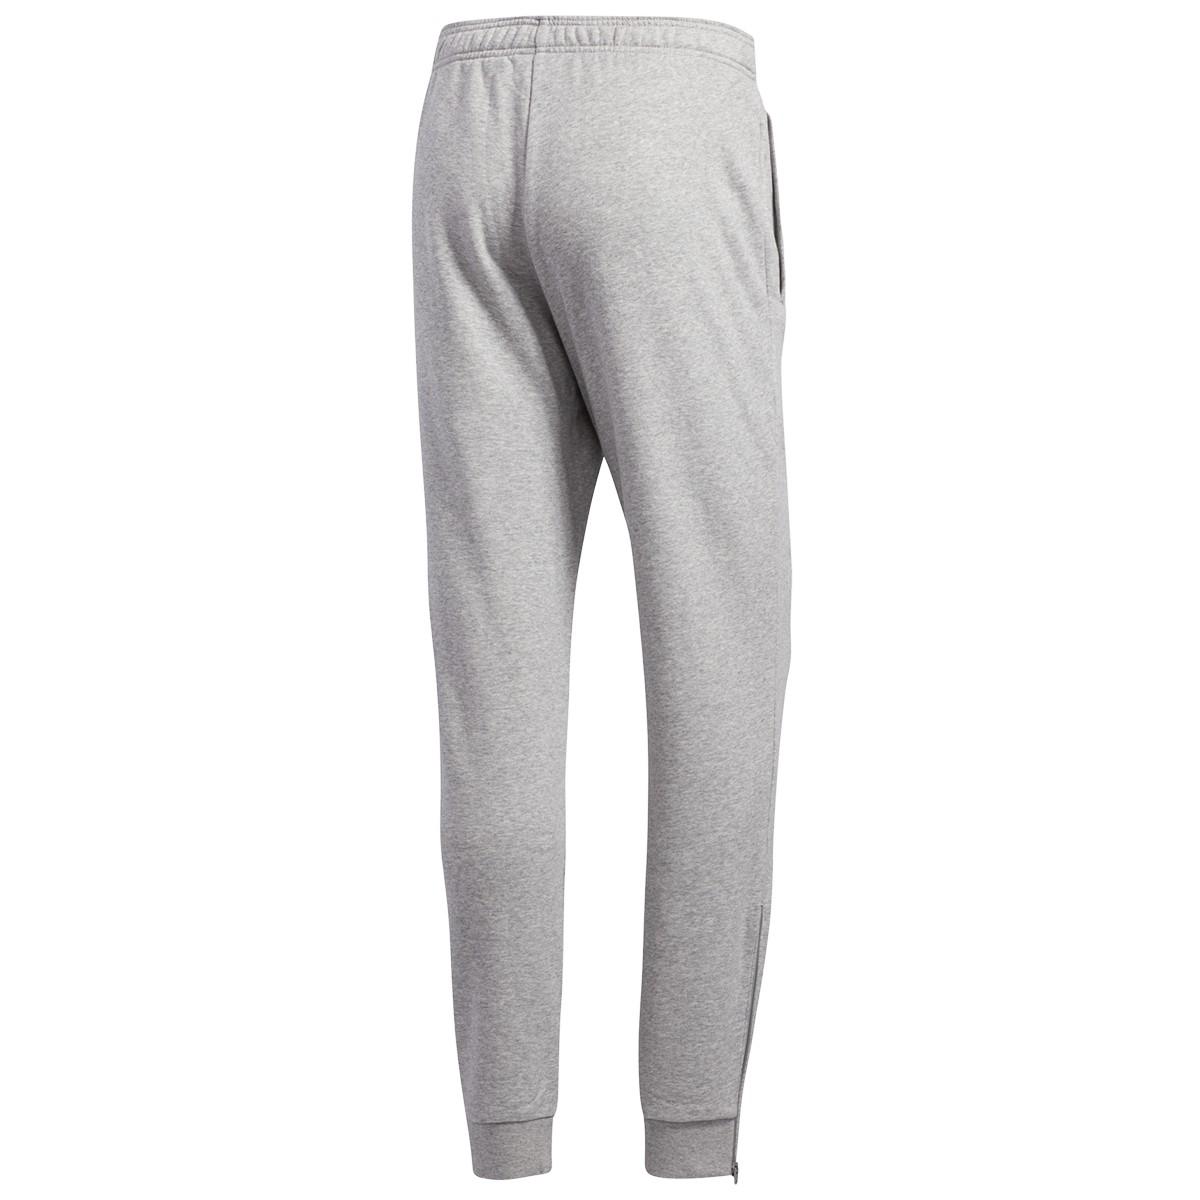 pantalon adidas anthracite homme